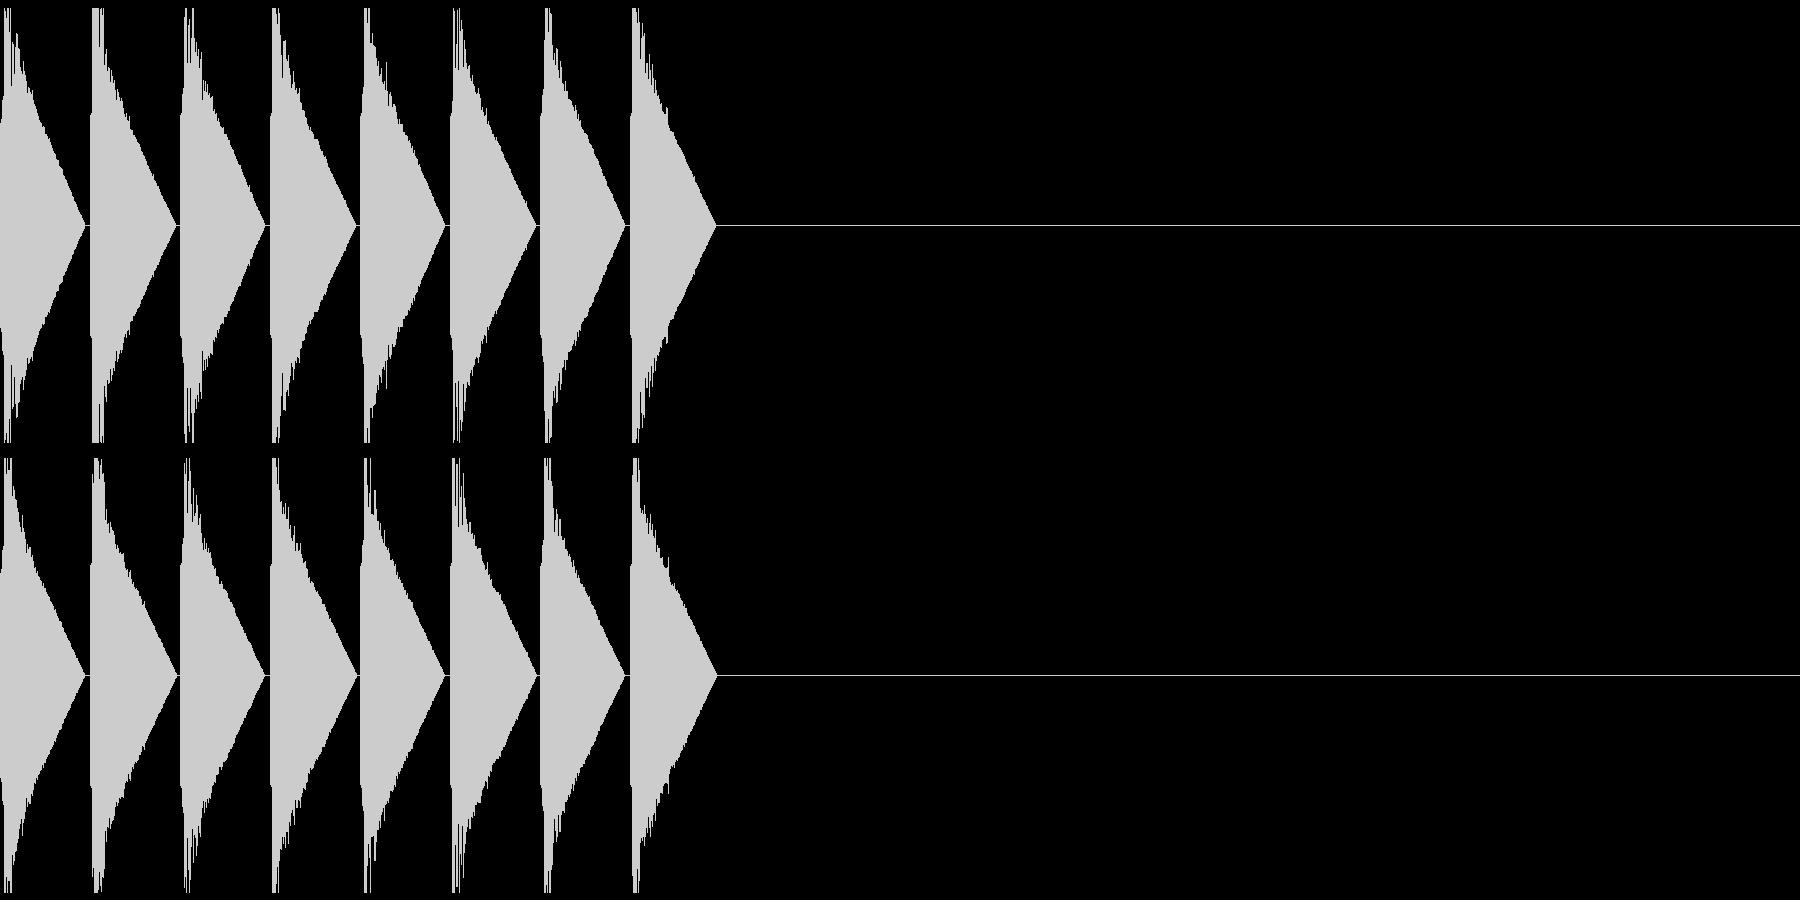 ロボットが歩く時の音の未再生の波形